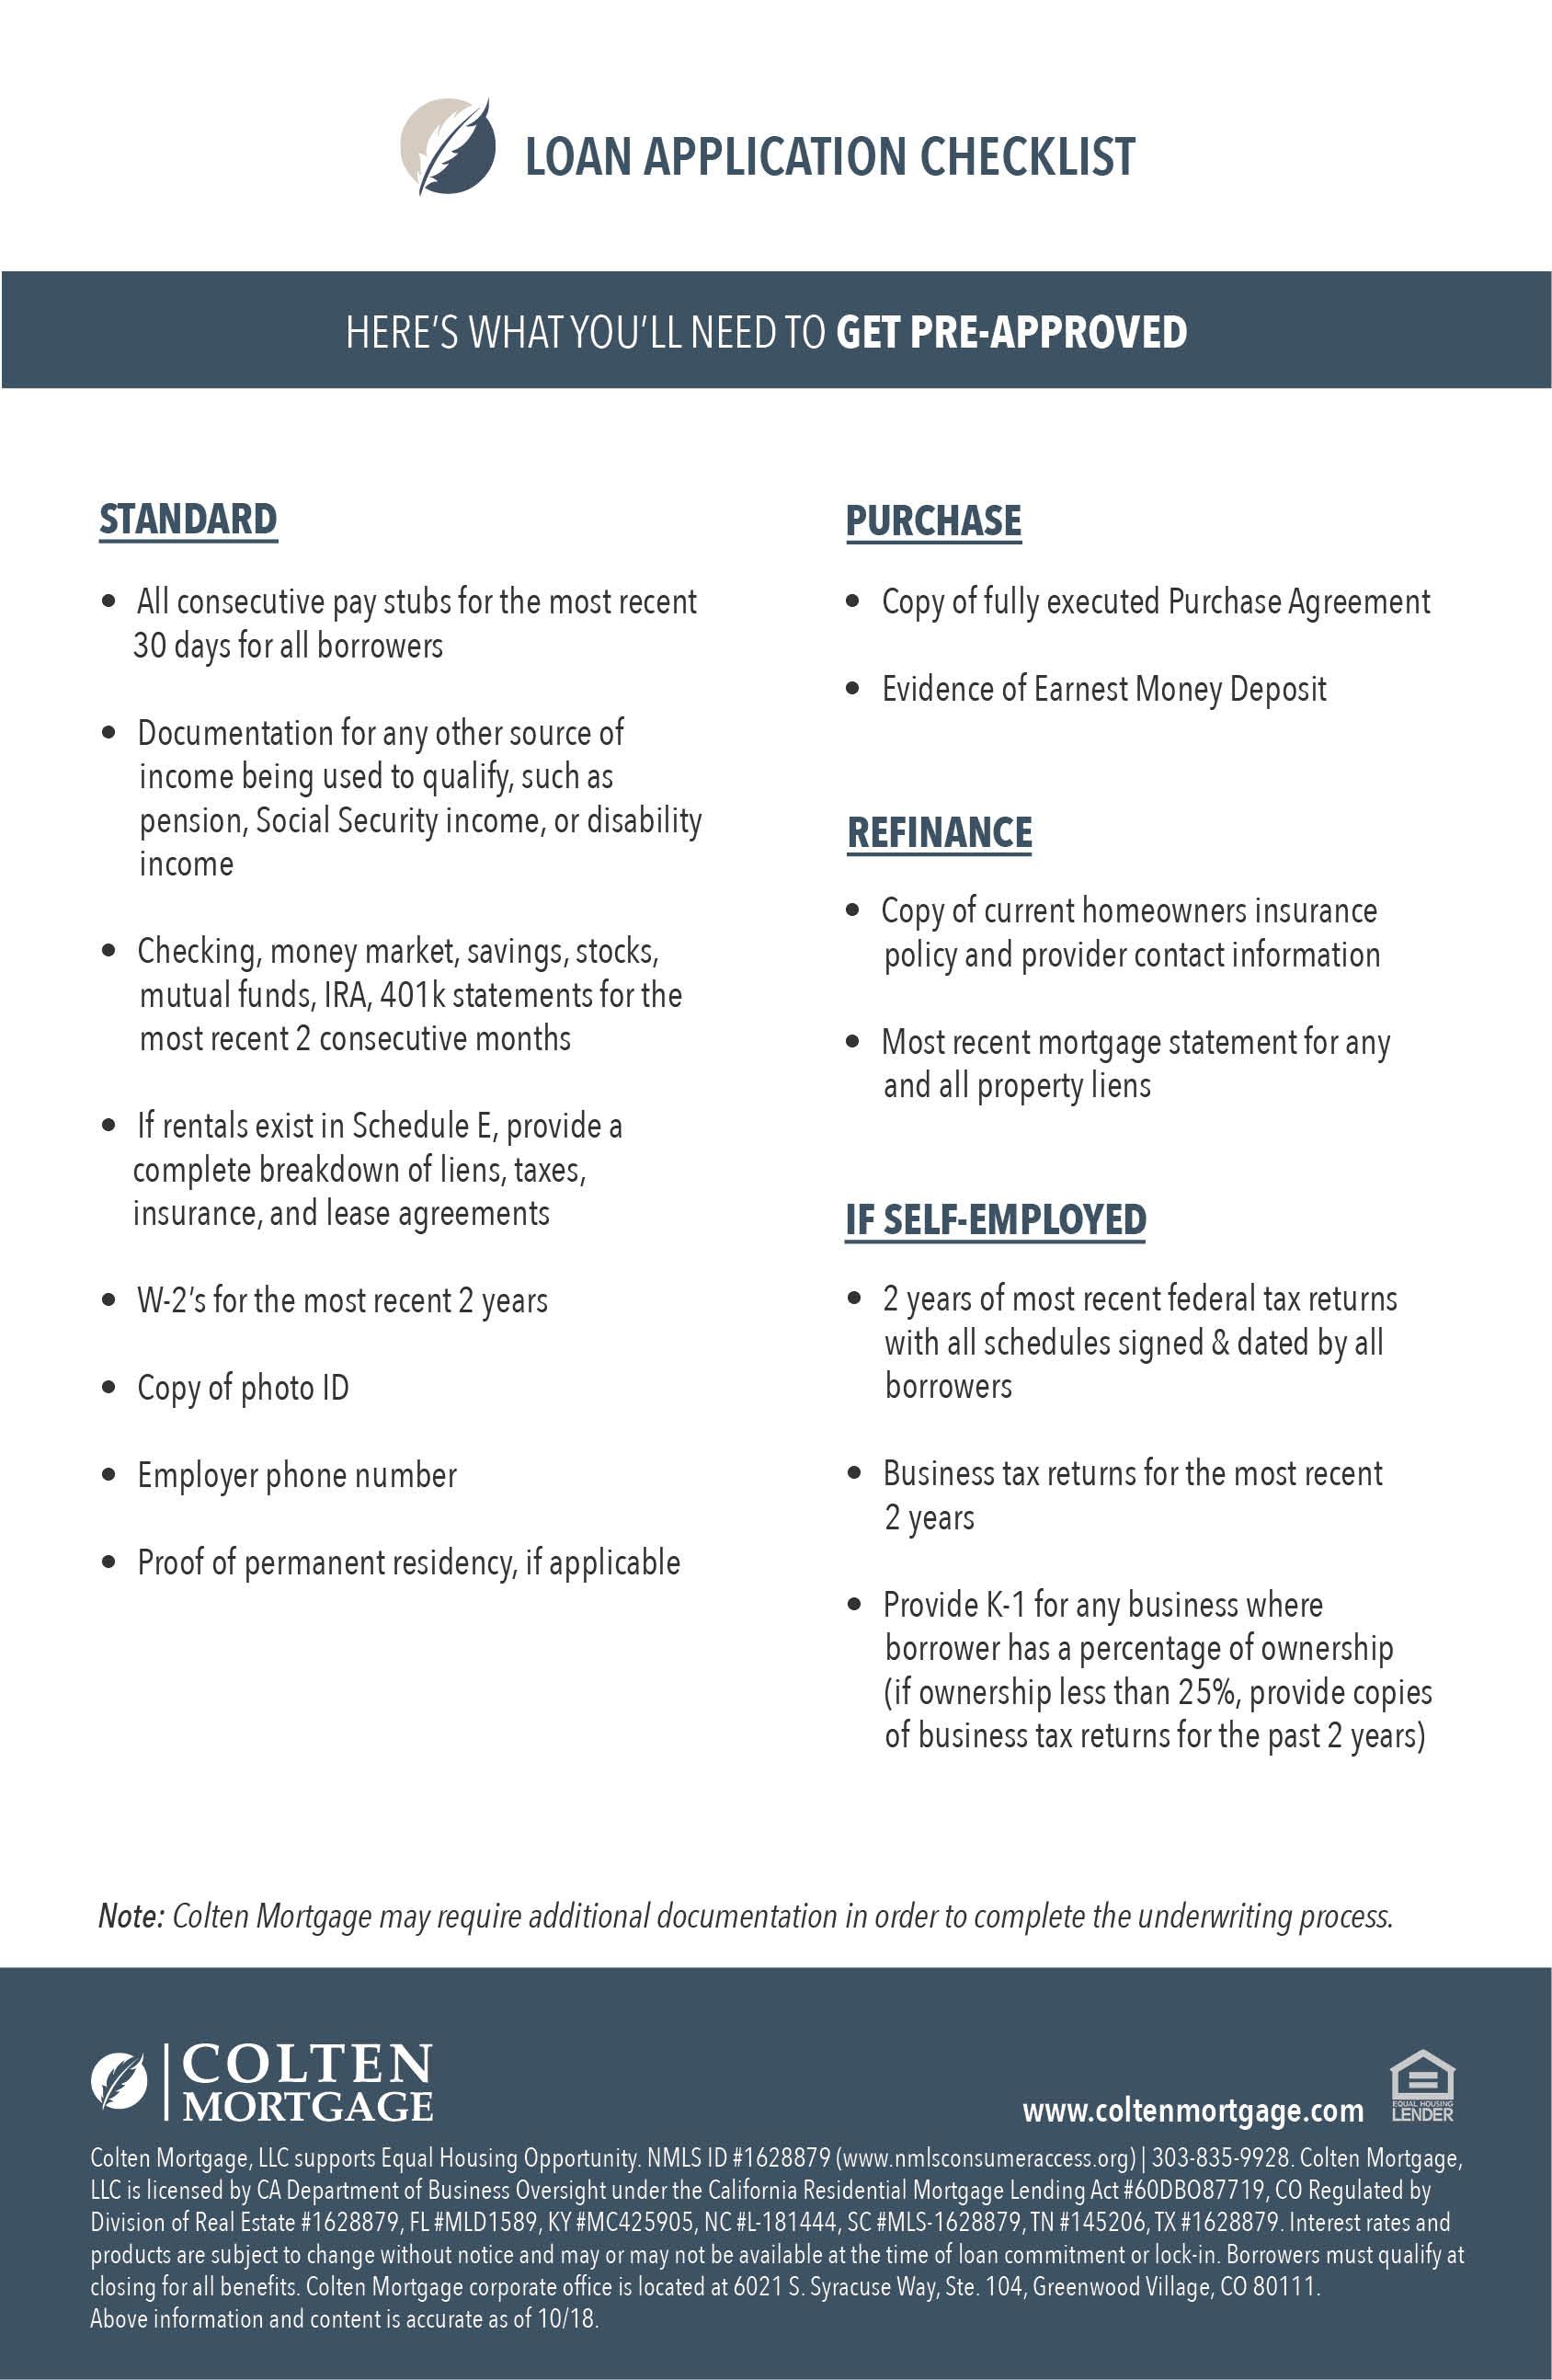 Loan Checklist_SM_flyer-5.5inx8.5in